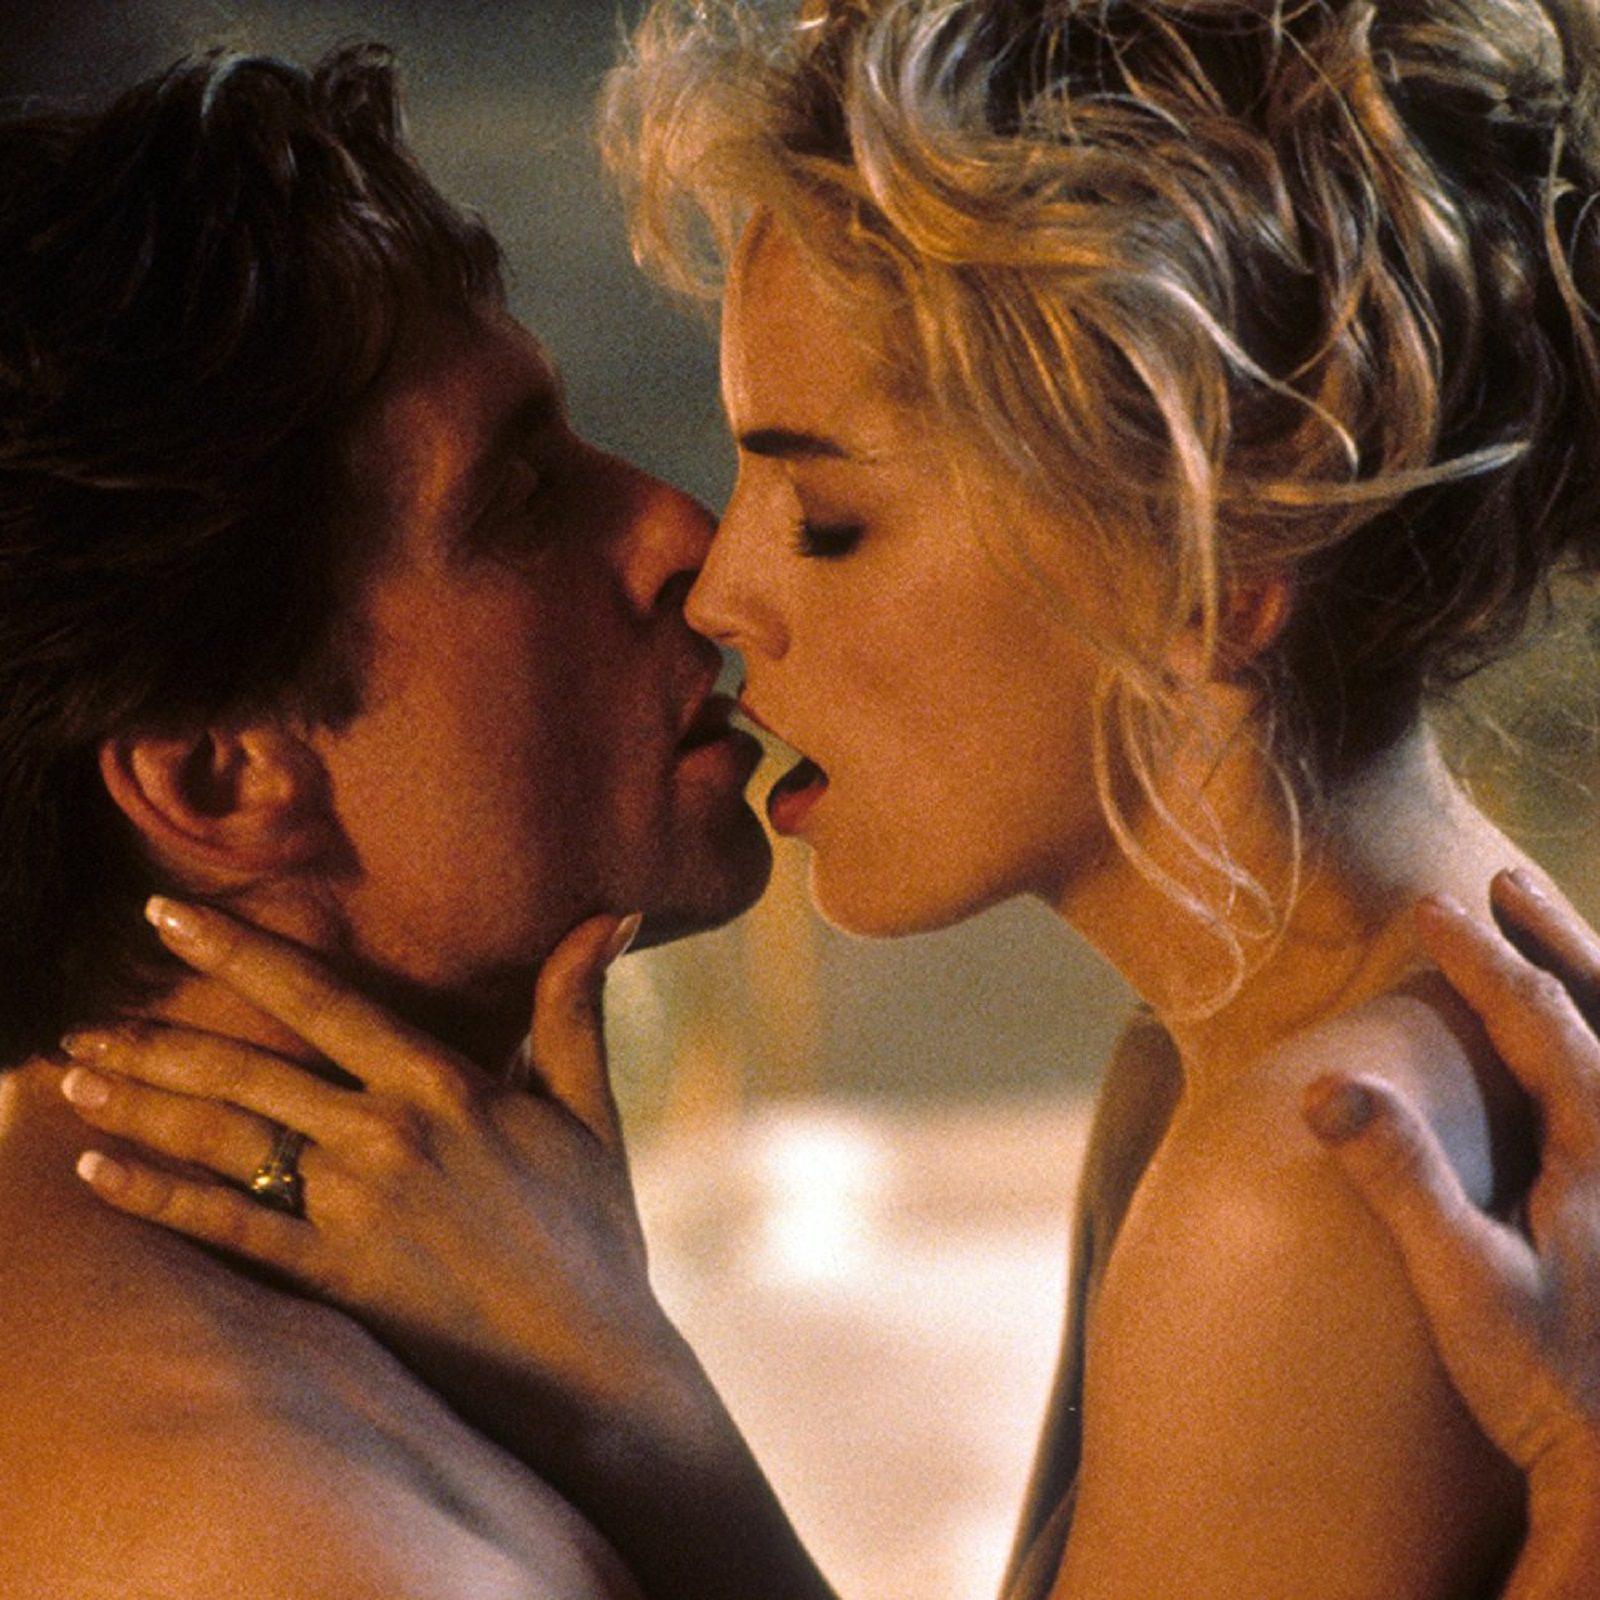 100 Mejores Películas Eróticas Del Cine Español los mejores thrillers eróticos de los 90 - ecartelera